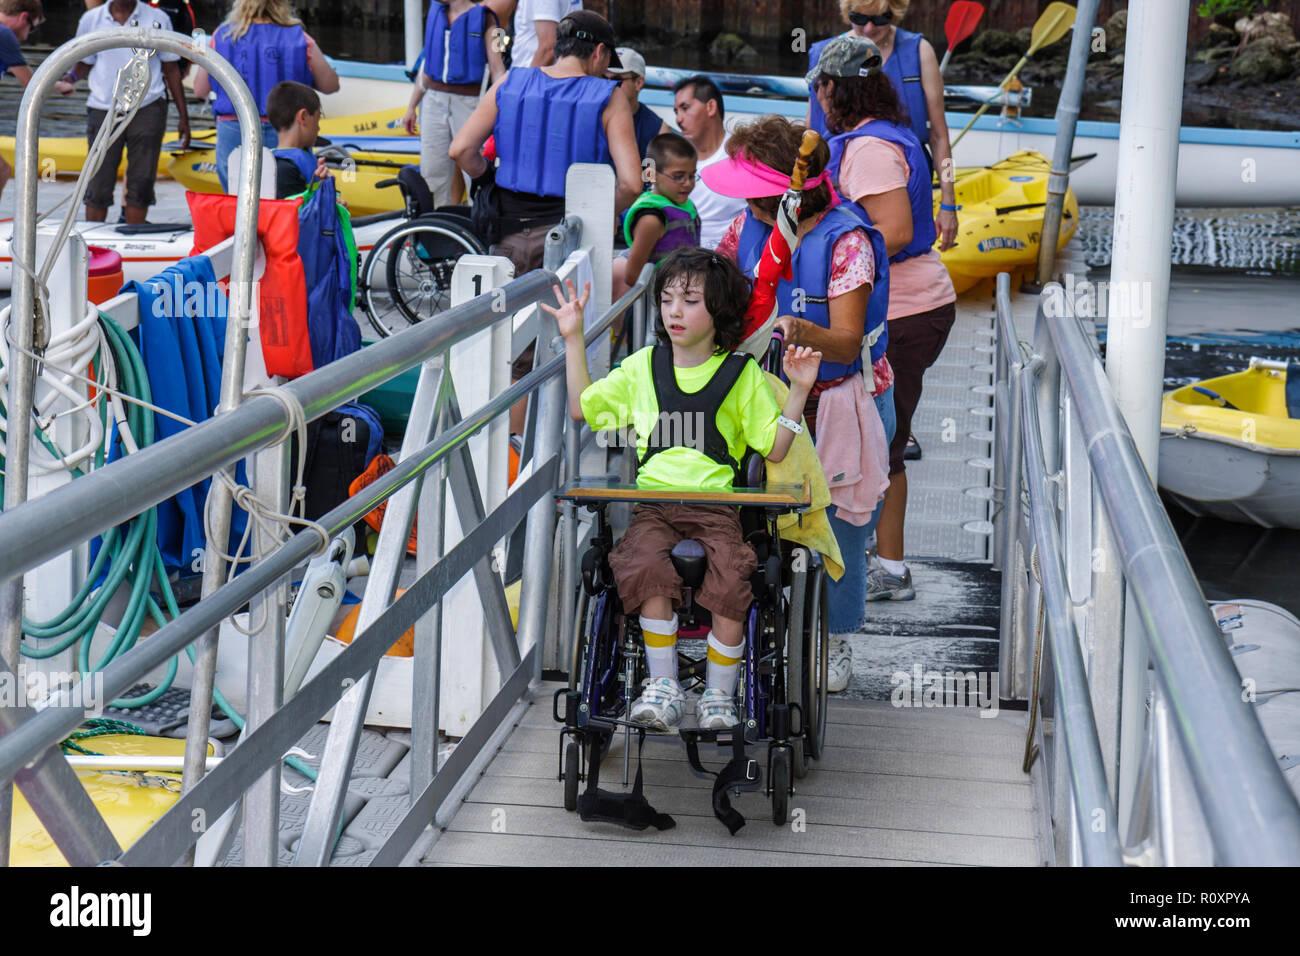 Miami Coconut Grove Florida Shake-un-Leg Miami No barriere Festival disabili disabilità fisica ragazzo disabile Rampa per sedia a rotelle Immagini Stock